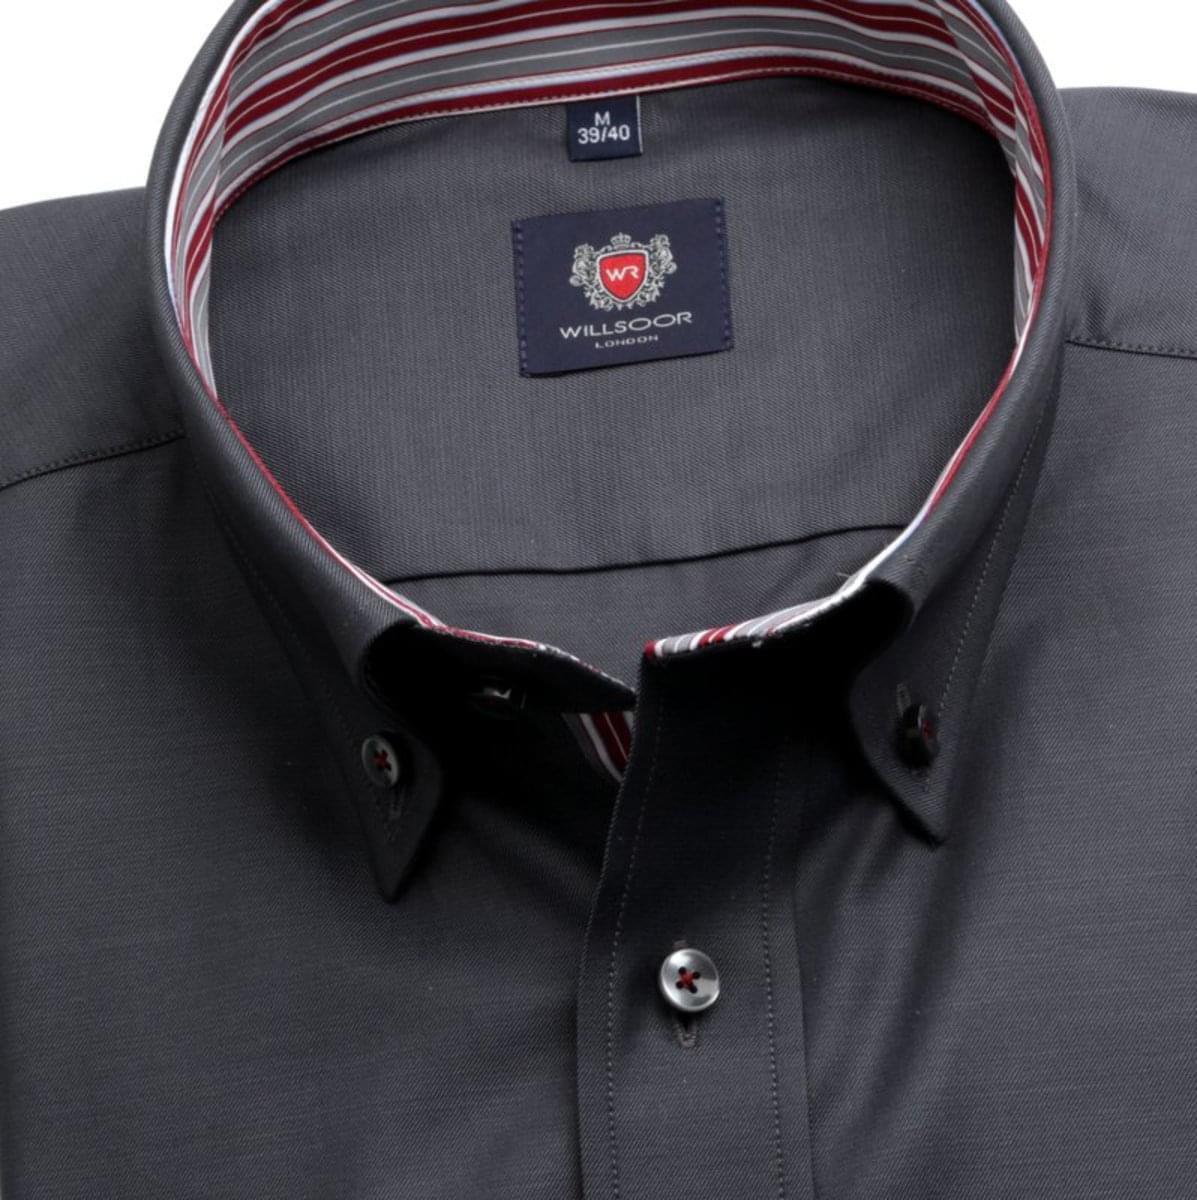 Pánská klasická košile London (výška 176-182) 7654 v grafitové barvě s úpravou easy care 176-182 / XL (43/44) 188-194 / XL (43/44)